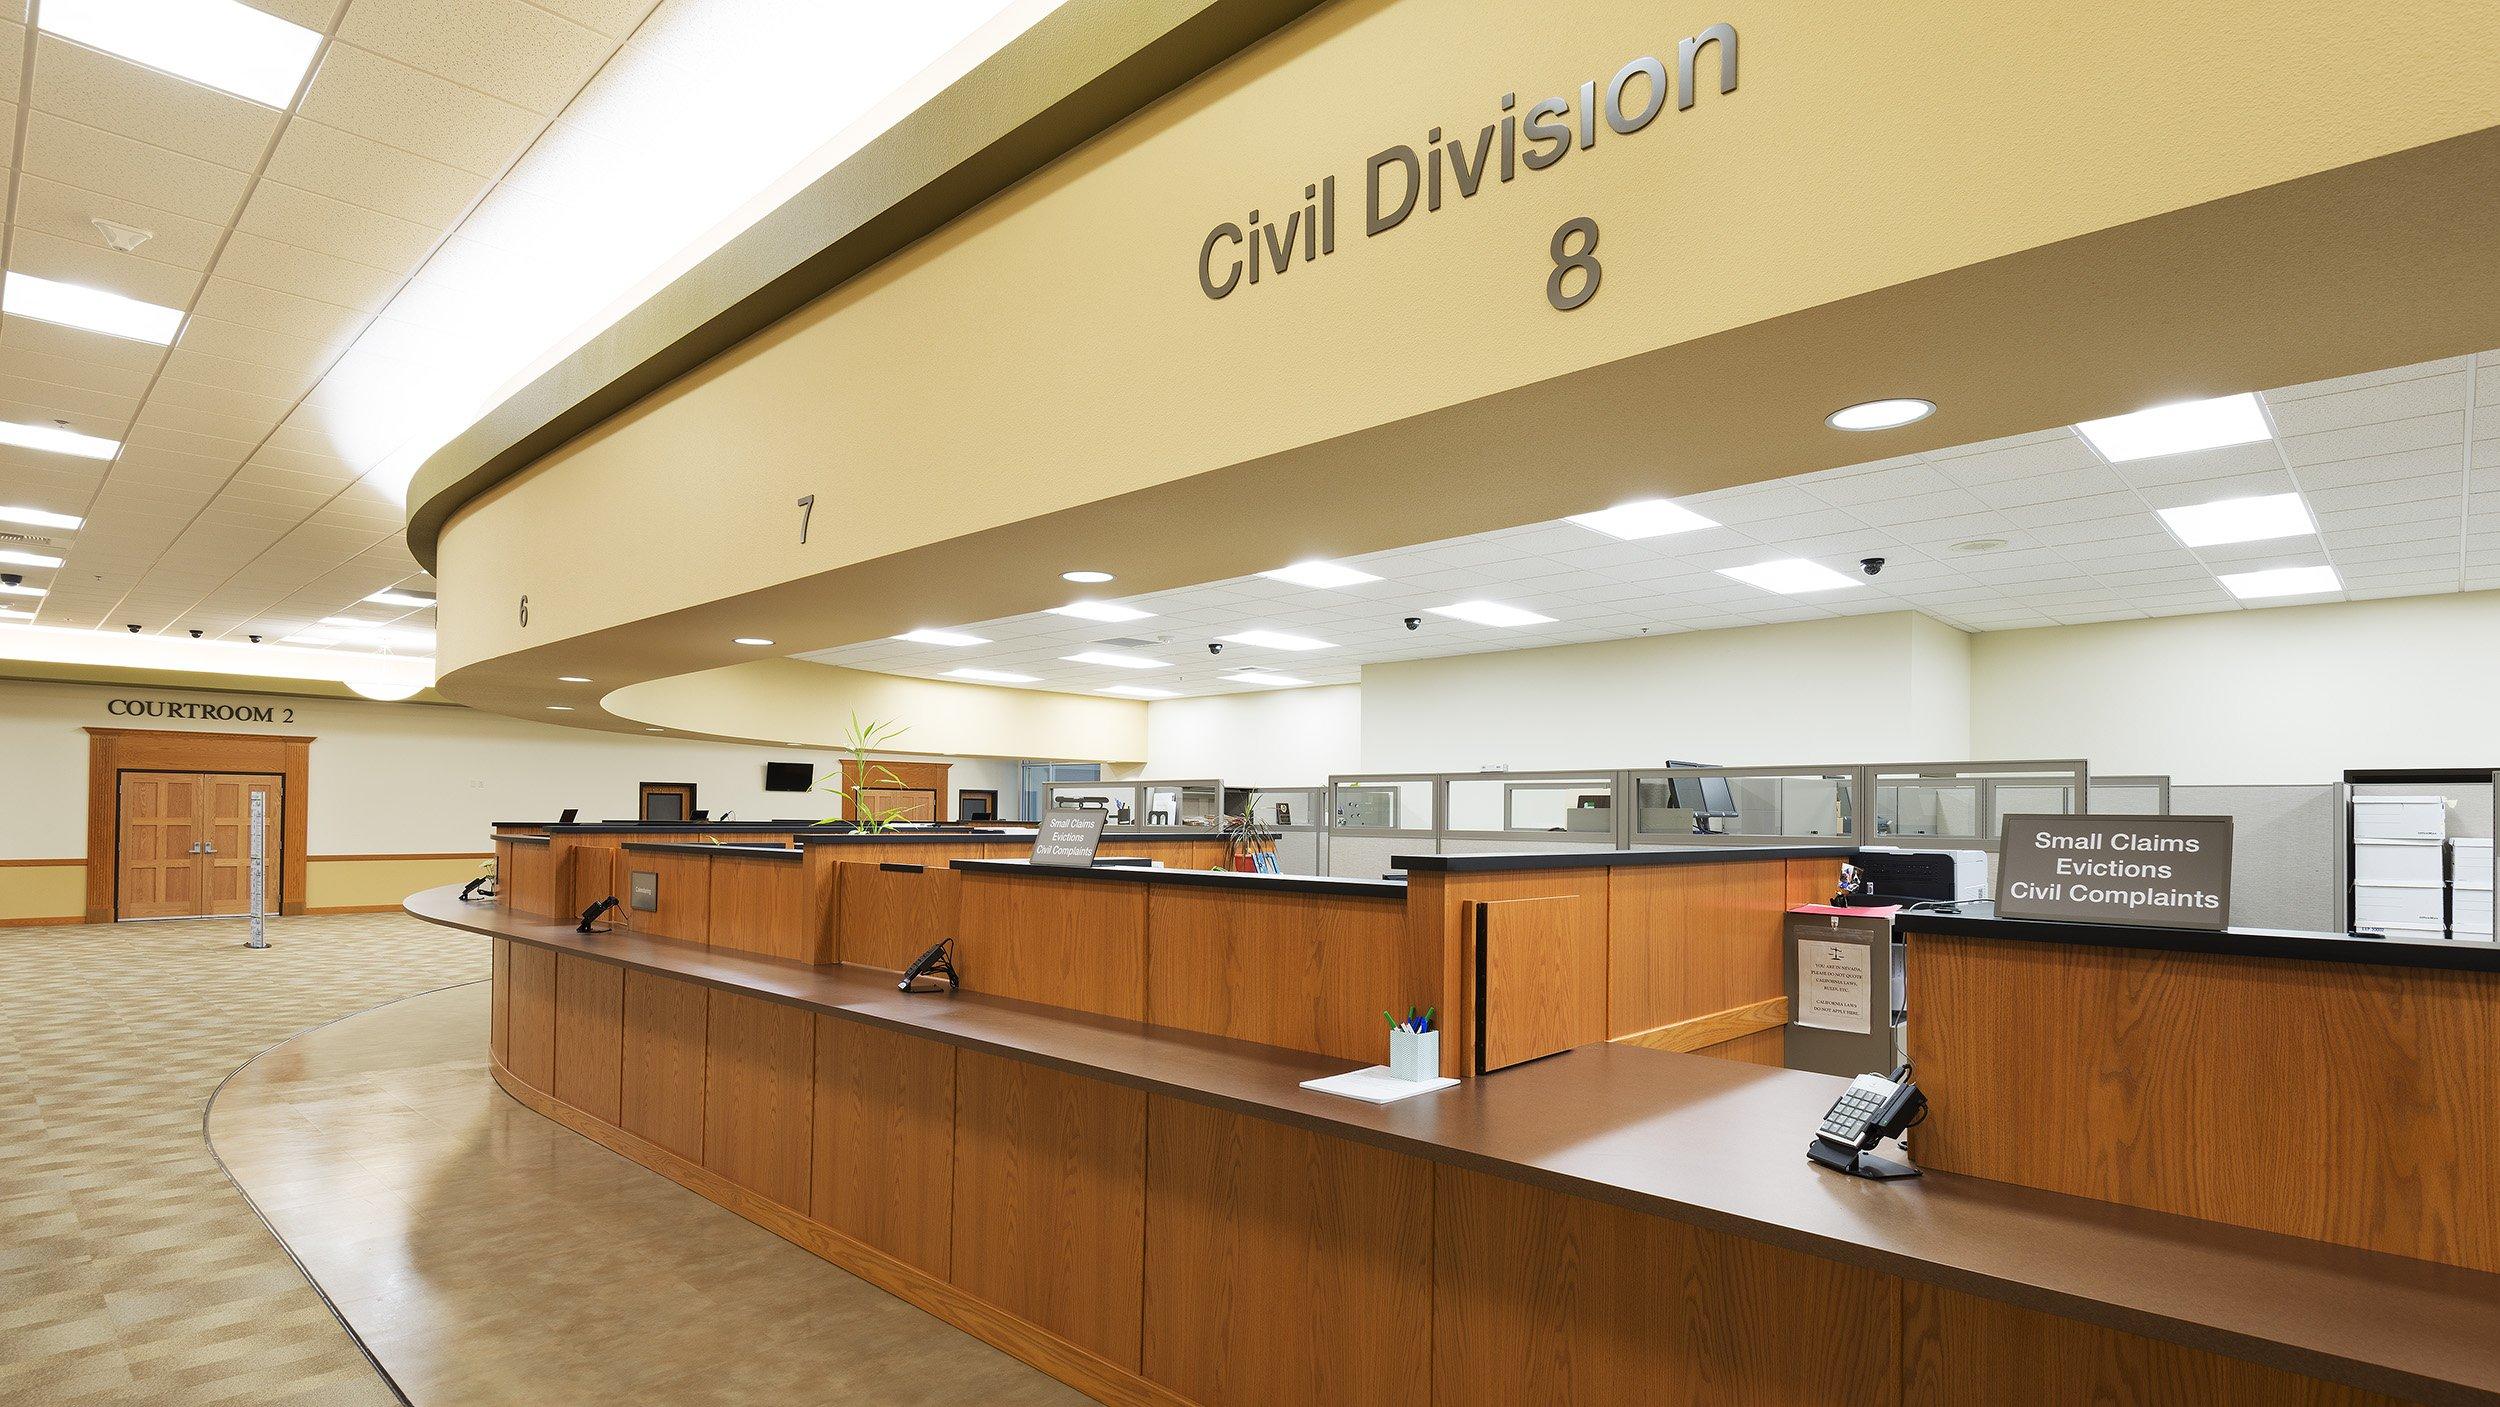 1 Sparks Justice Court civil div CROP_DSC9705 as Smart Object-1